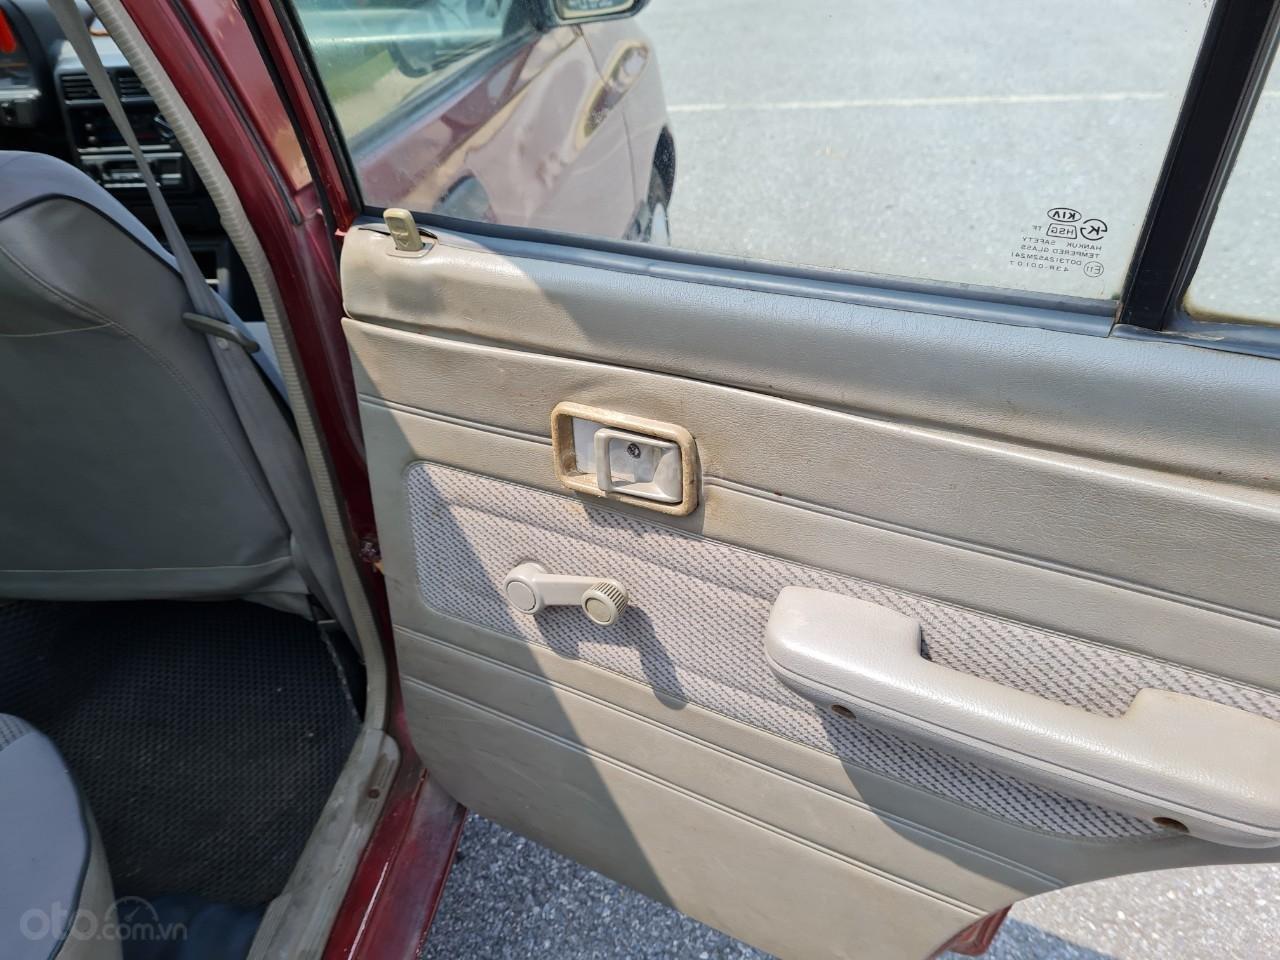 Cần bán Kia Pride GTL, SX 2001, máy xăng, nhập khẩu, đã chạy 80000km, xăng 6 L/100km, nội thất màu ghi, xe 5 cửa, máy 1.3 (10)